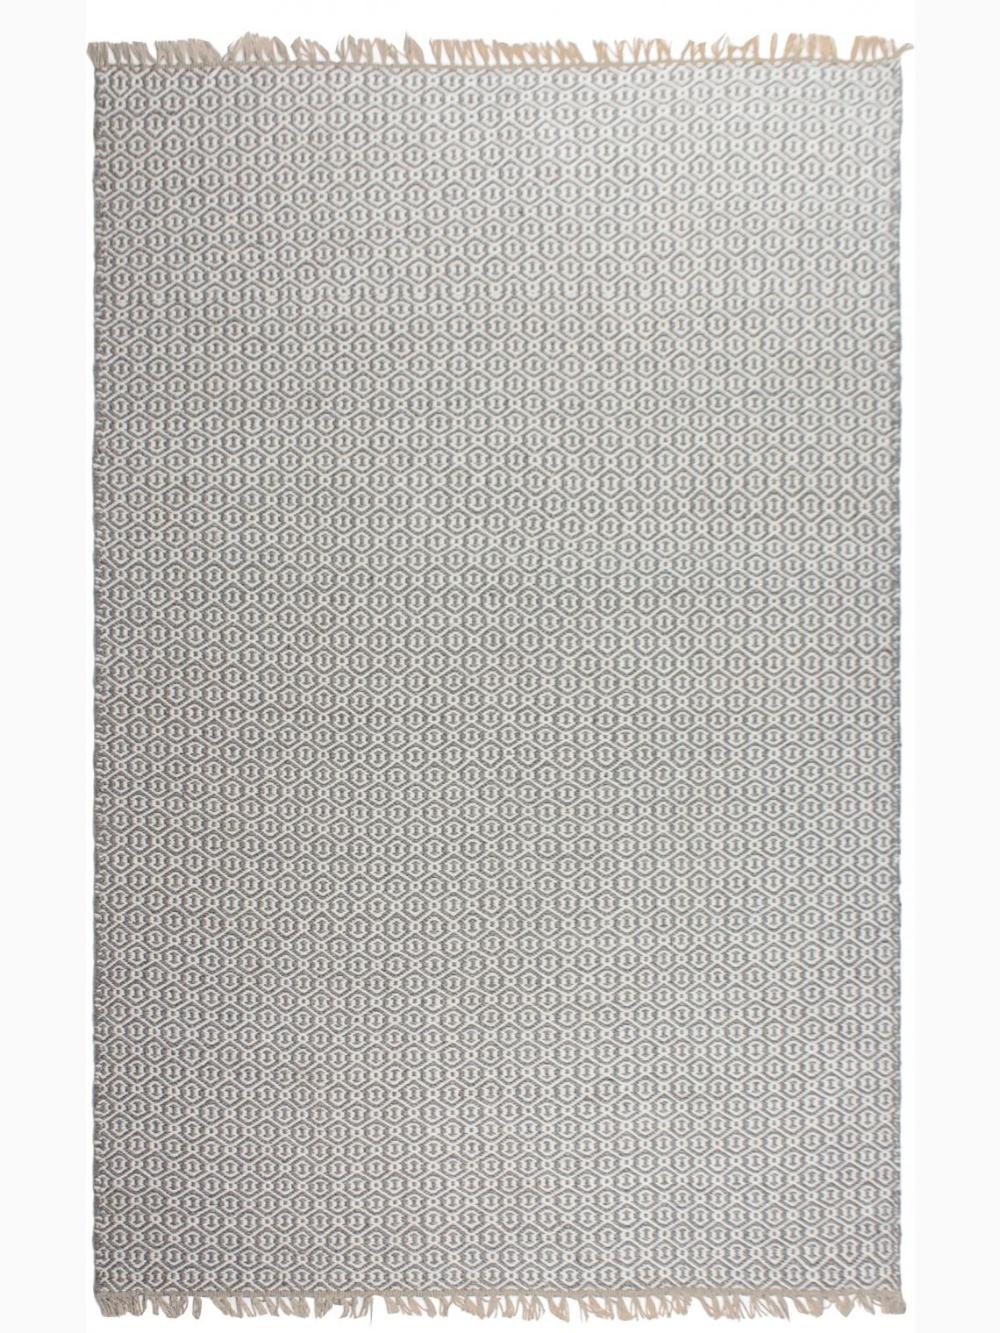 Lancut Grey Indoor Outdoor Pet Polyester Fiber Rug Gray Rug